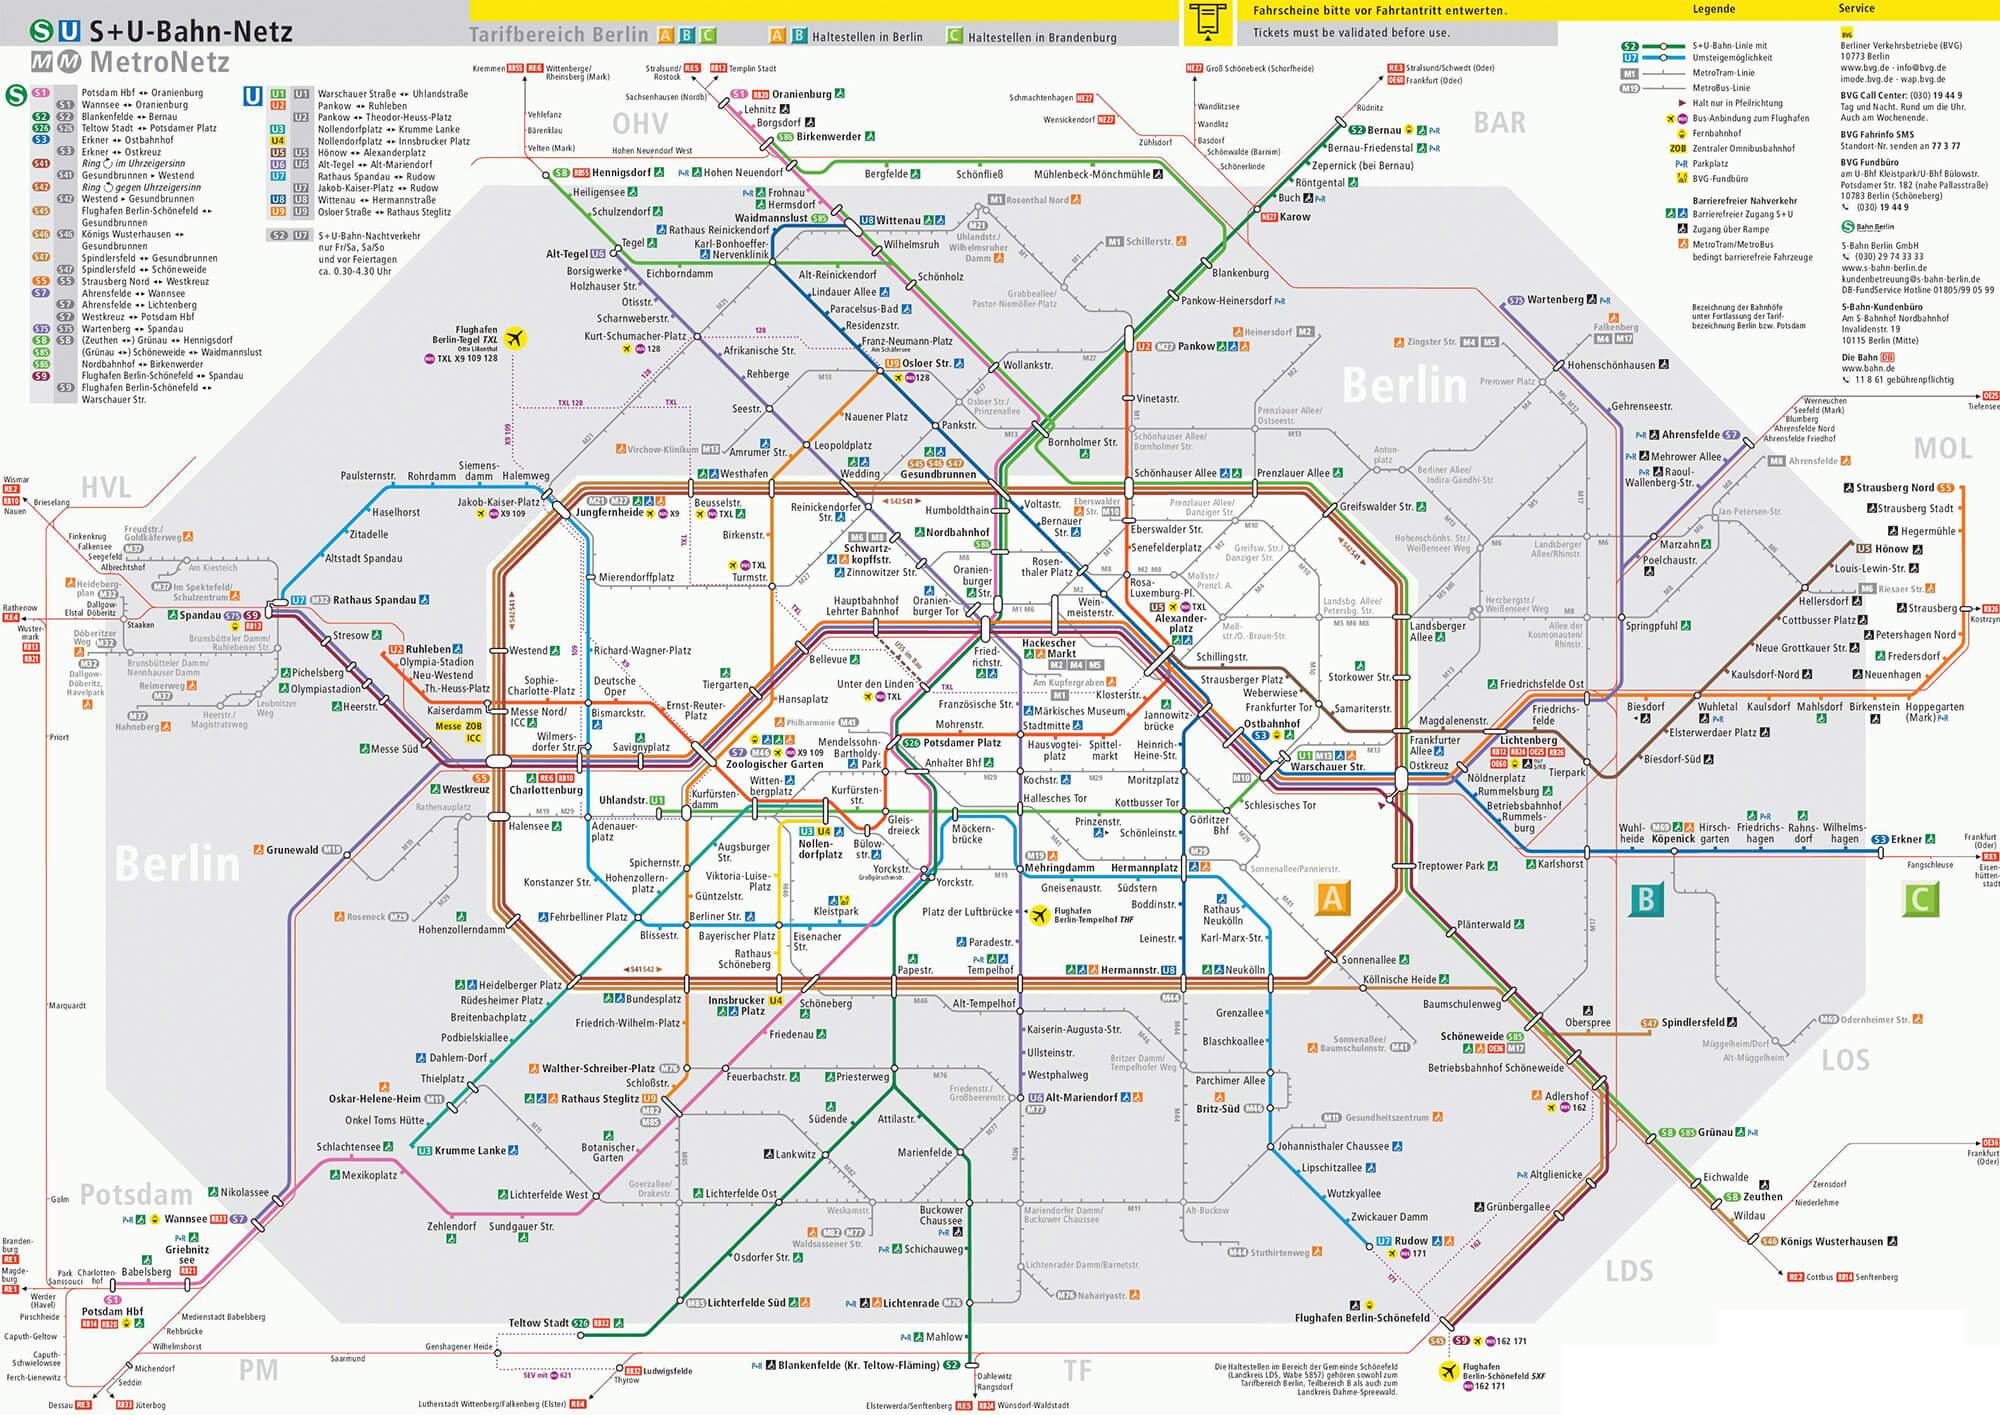 Die U-Bahn Berlin